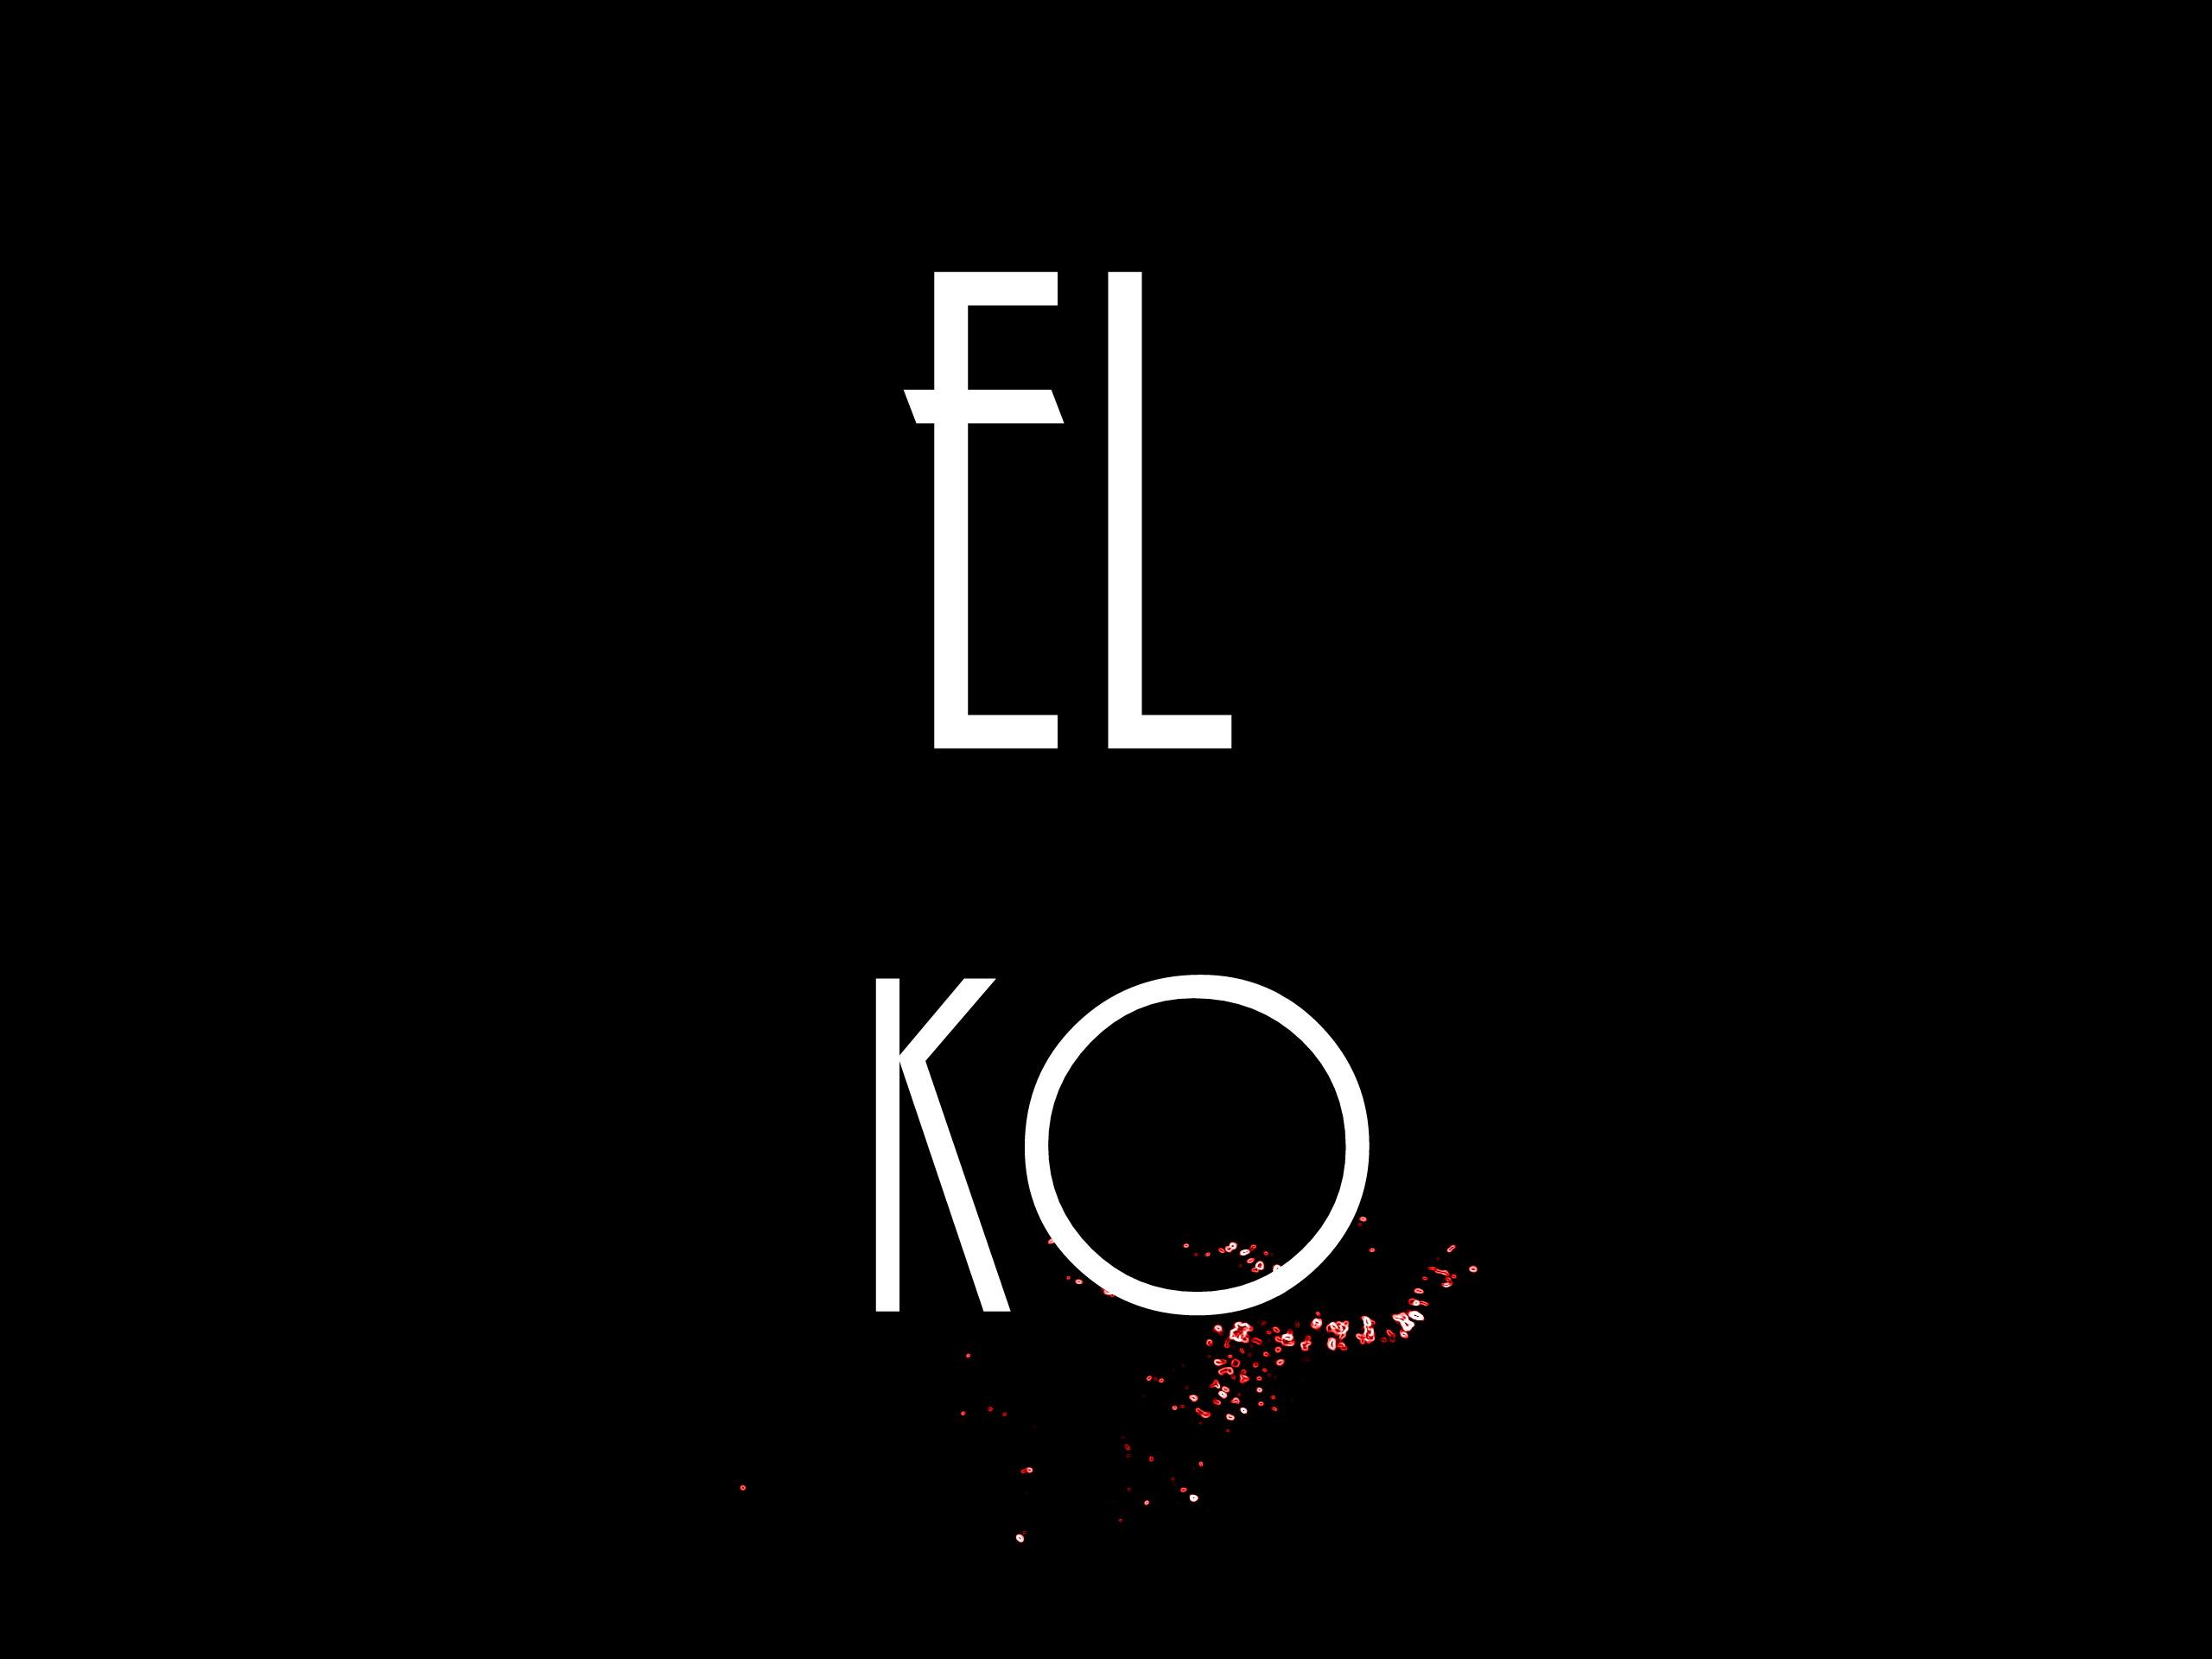 el ko Signature